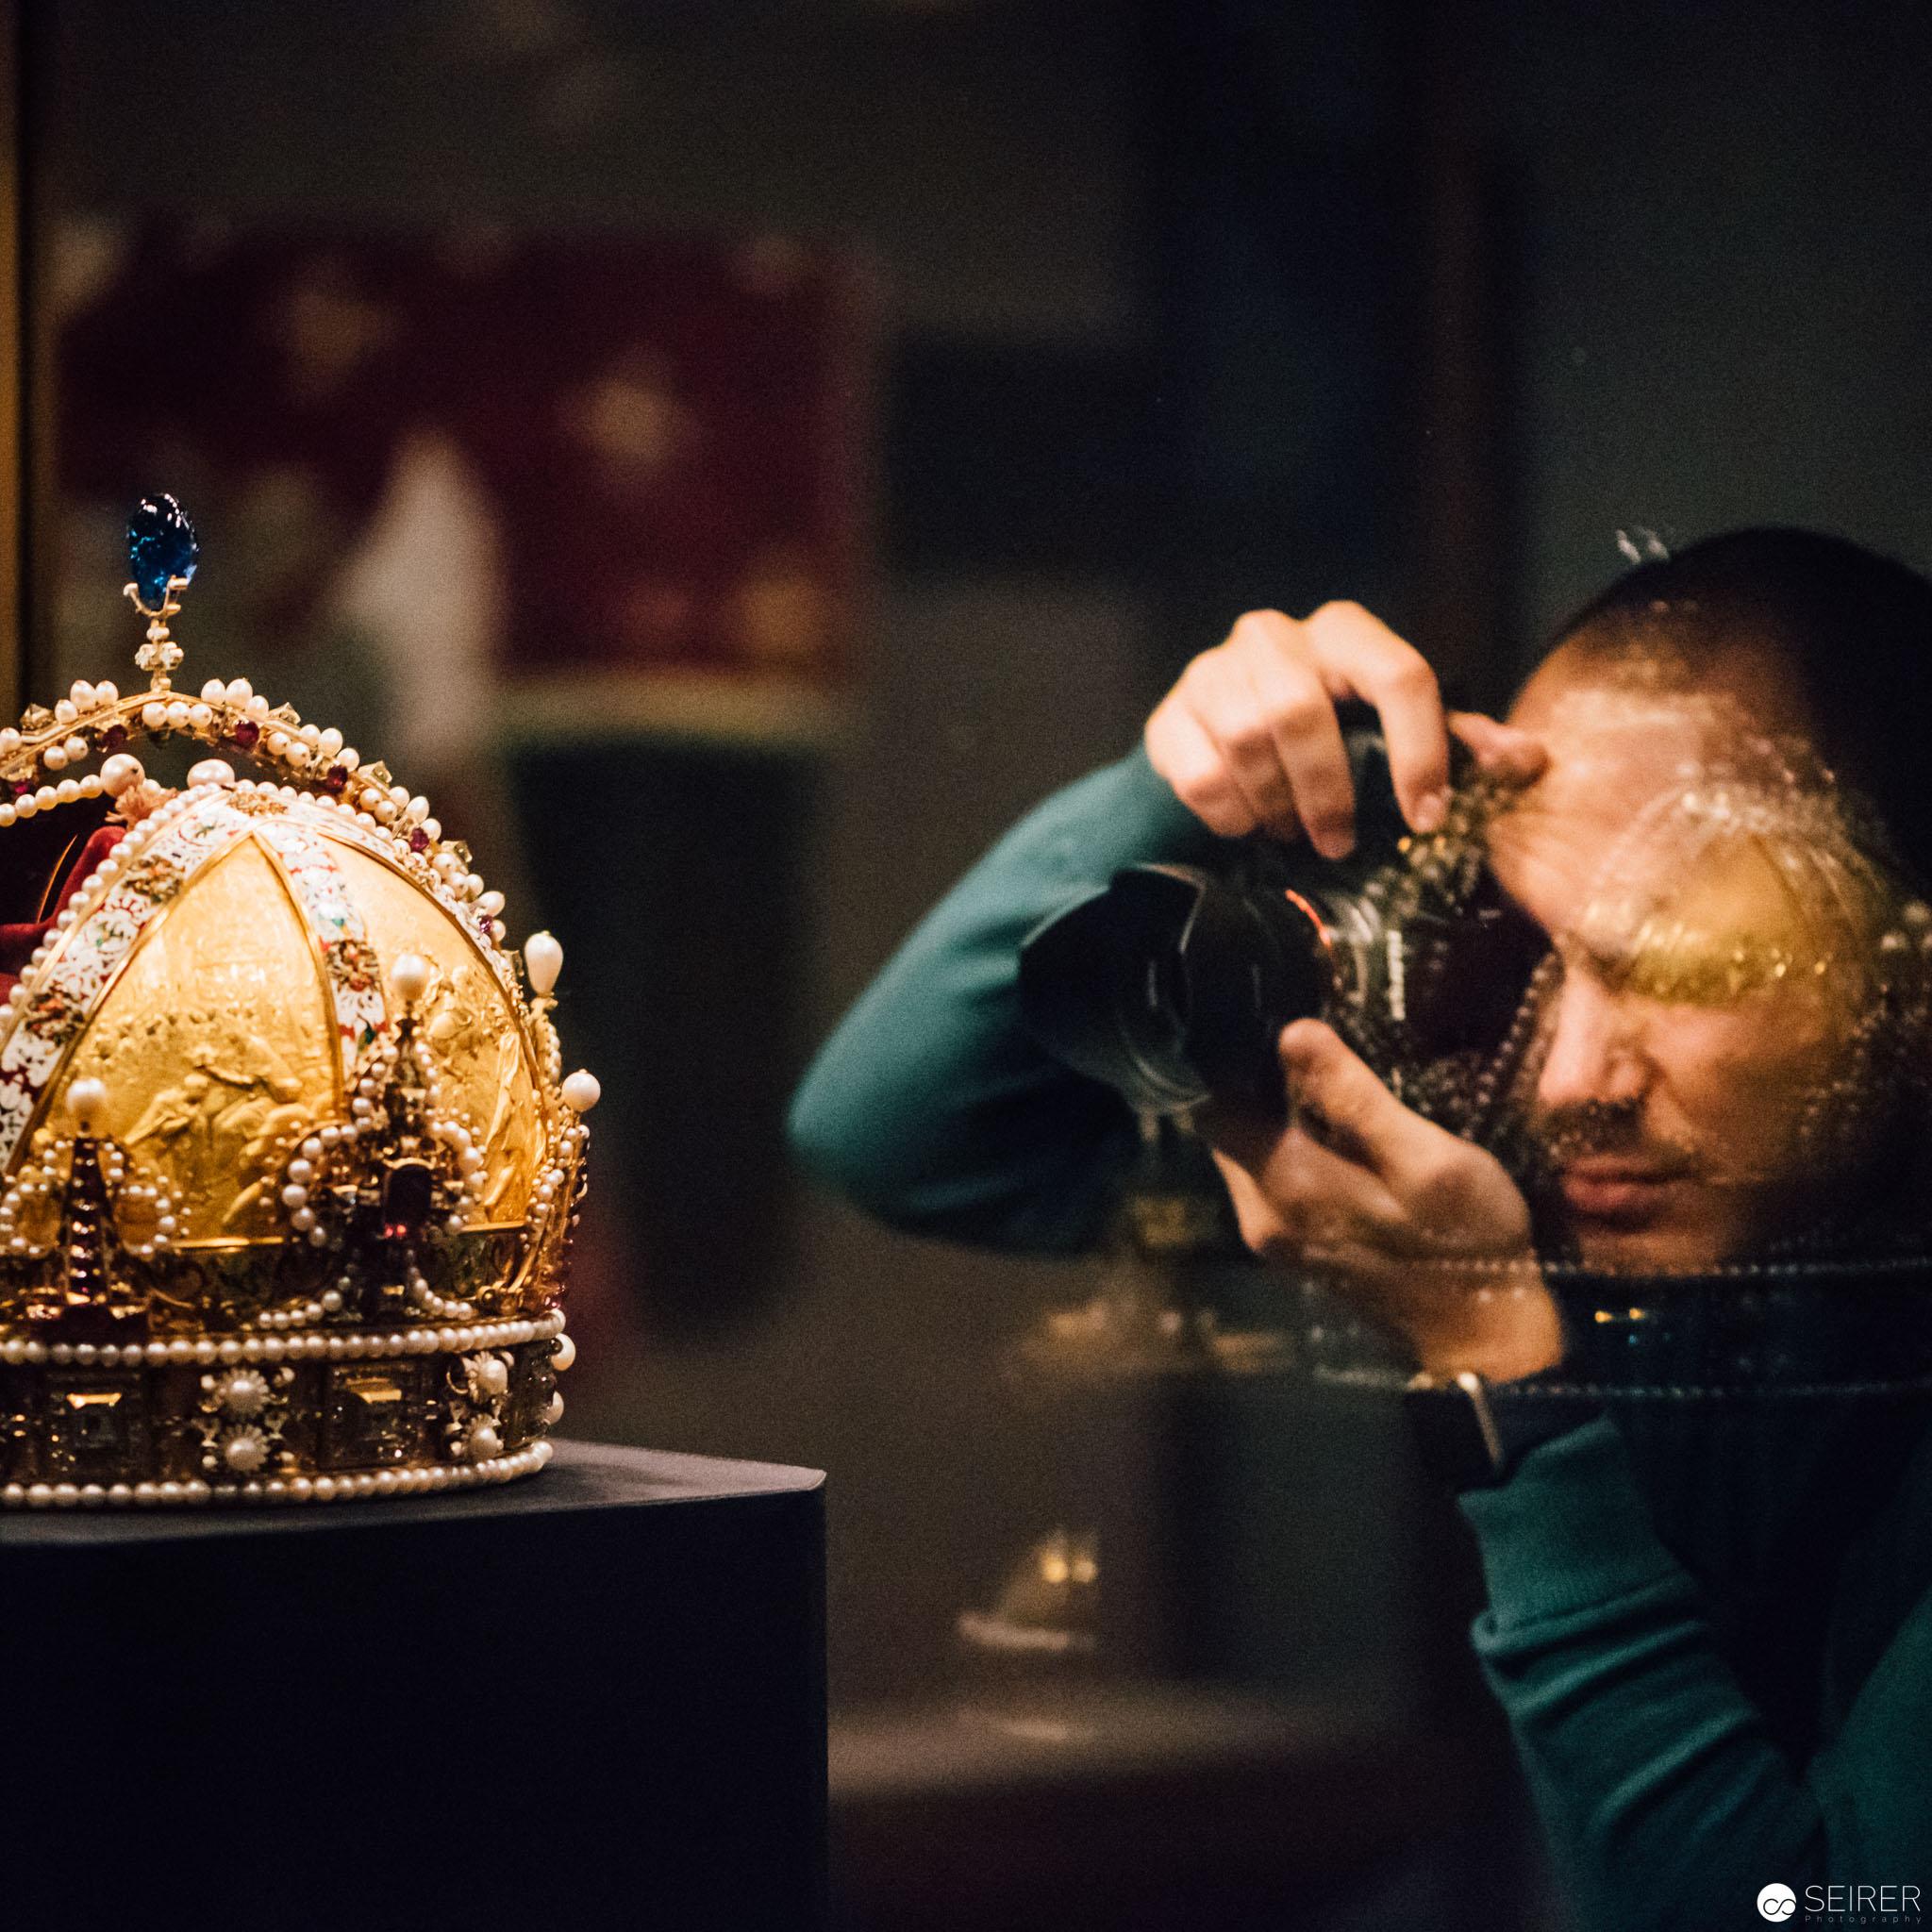 Schatzkammer Wien: die Rudolfskrone, Kaiserkrone von Österreich